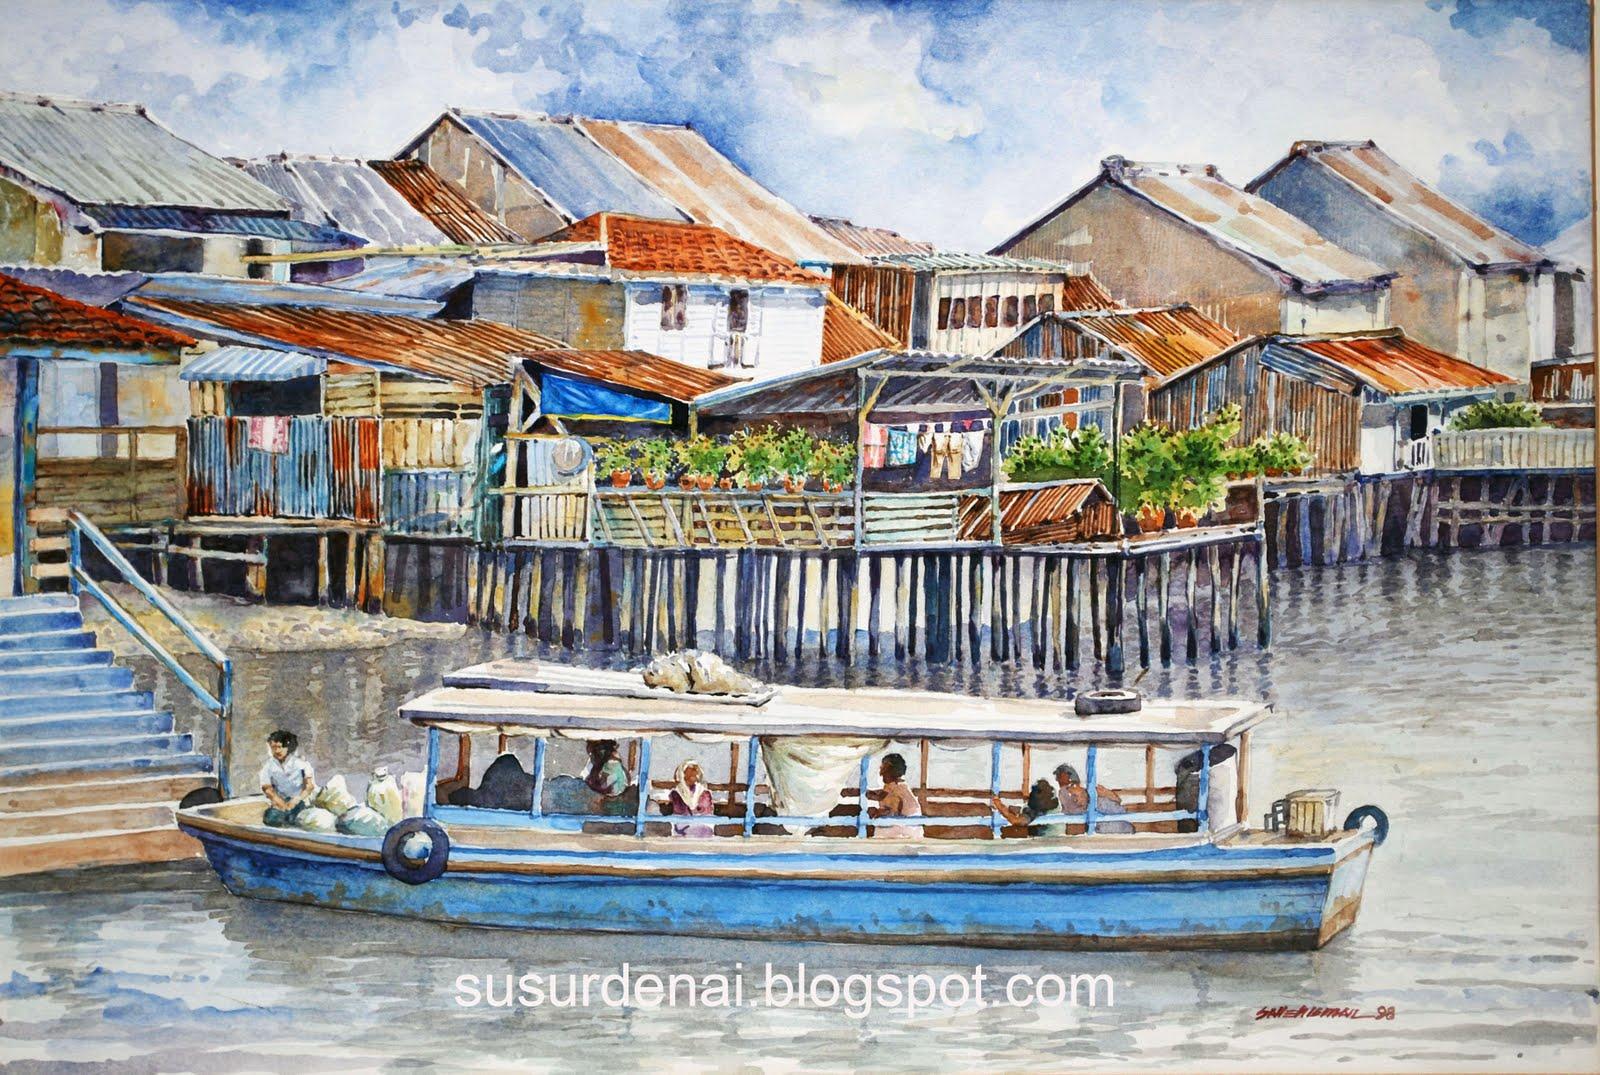 Susurdenai Landskap Terengganu